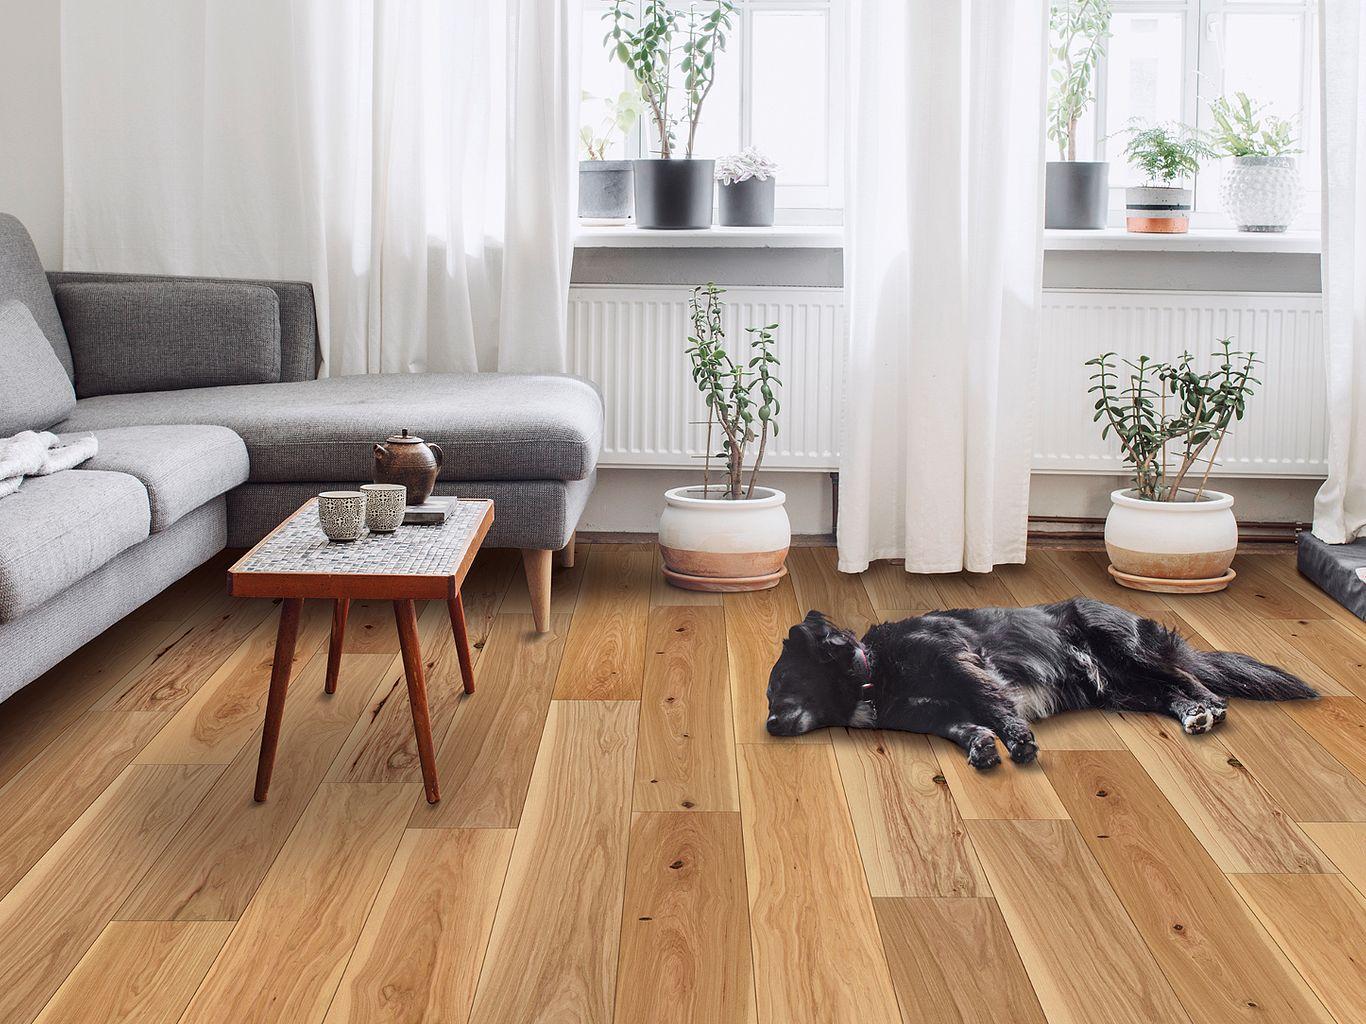 COREtec Flooring | Waterproof Luxury Vinyl Plank & Tile Flooring